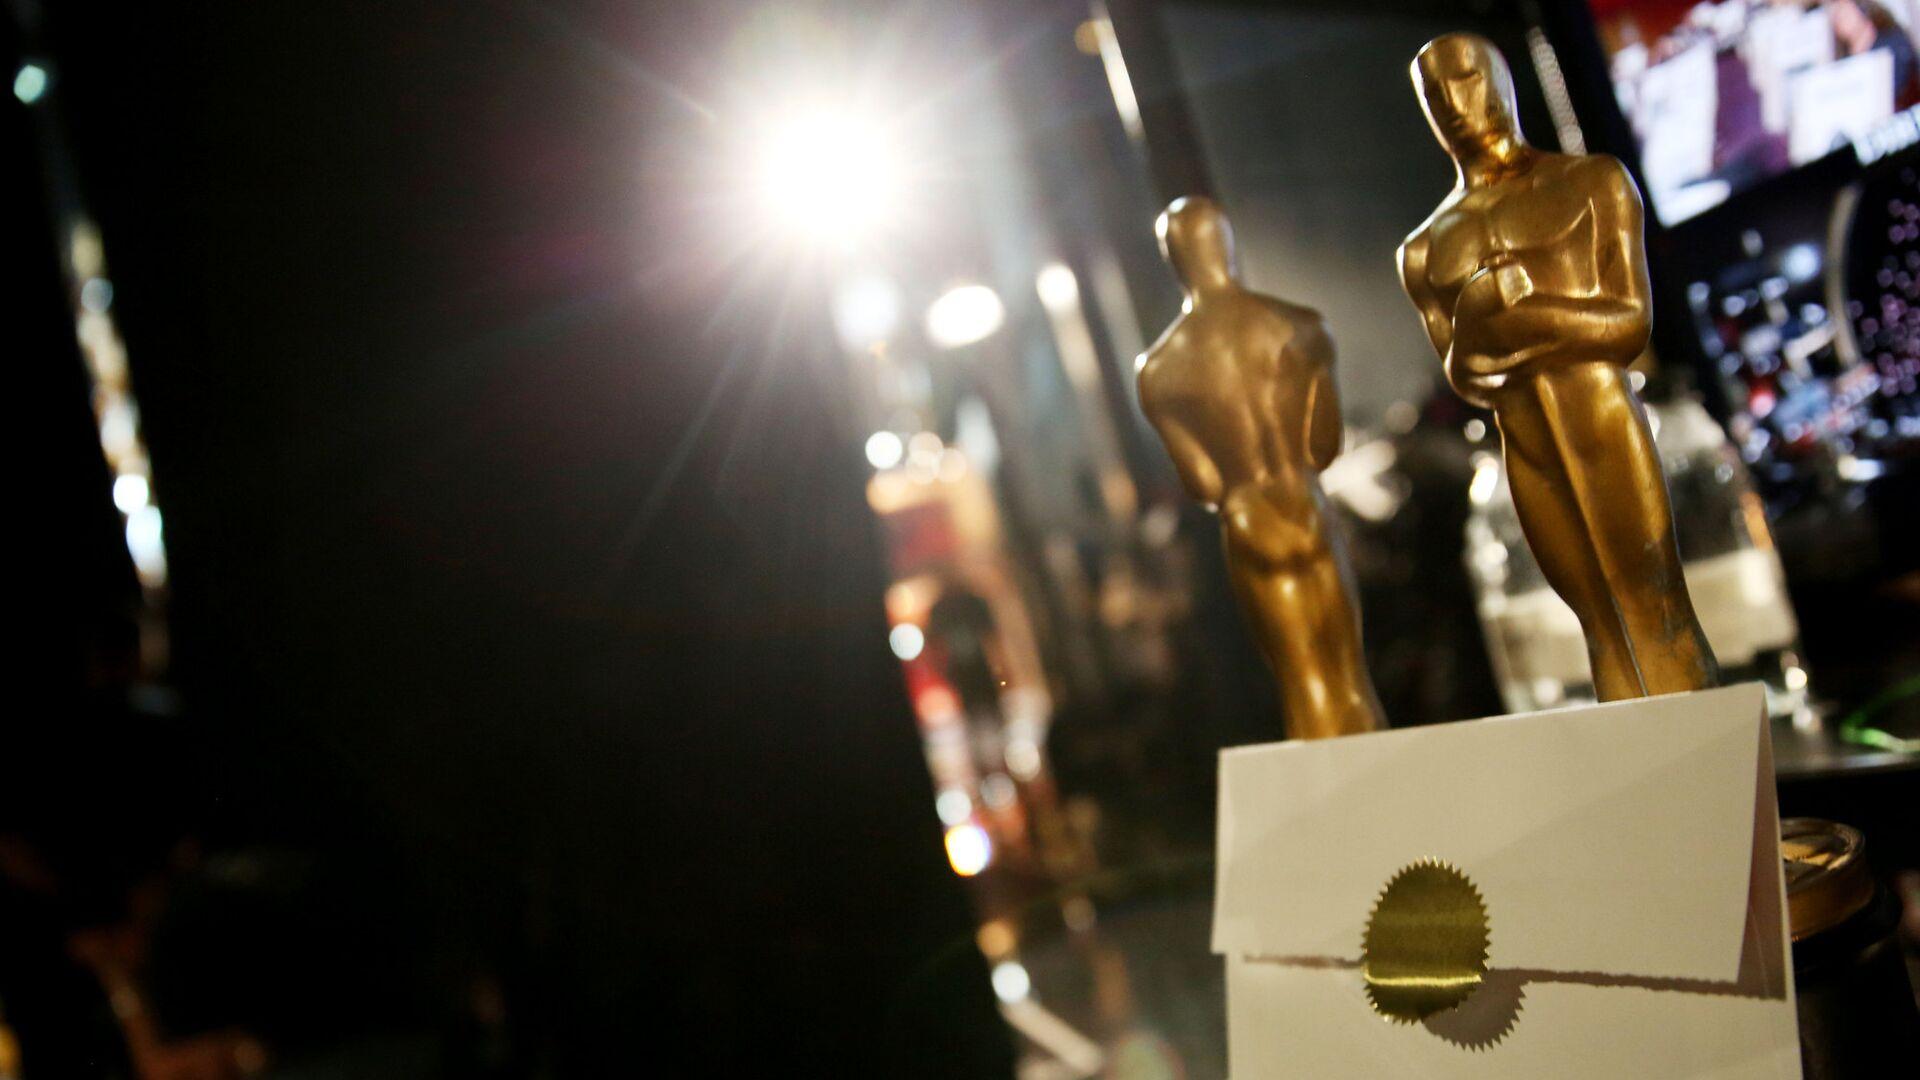 Статуэтки Оскара и конверт на репетиции перед церемонией вручения премии в 2015 - РИА Новости, 1920, 10.09.2020